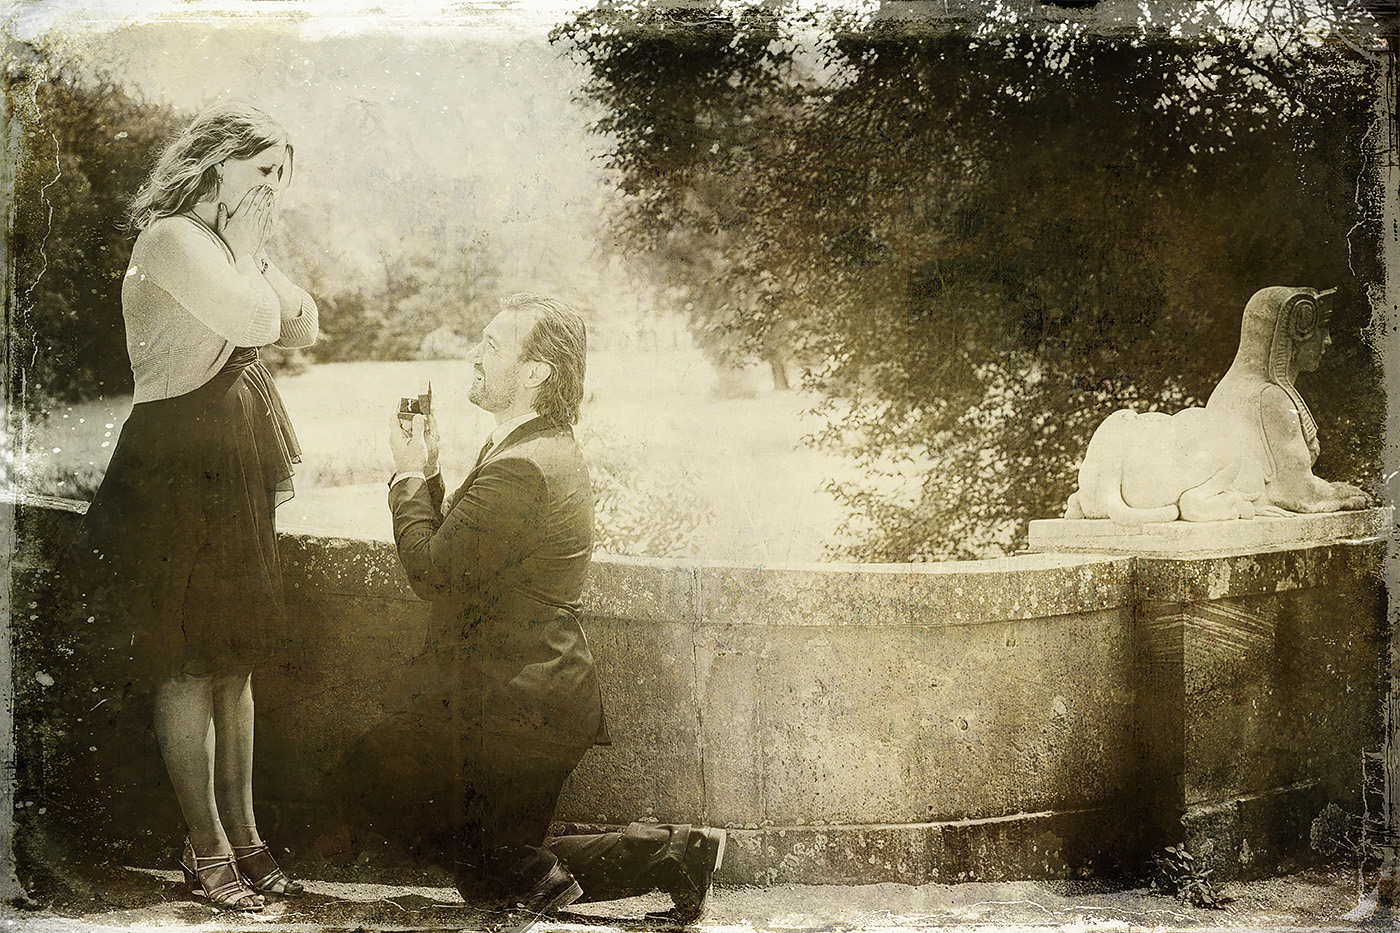 Brautpaar im Park Schoenbusch, der Braeutigam kniet vor der Braut